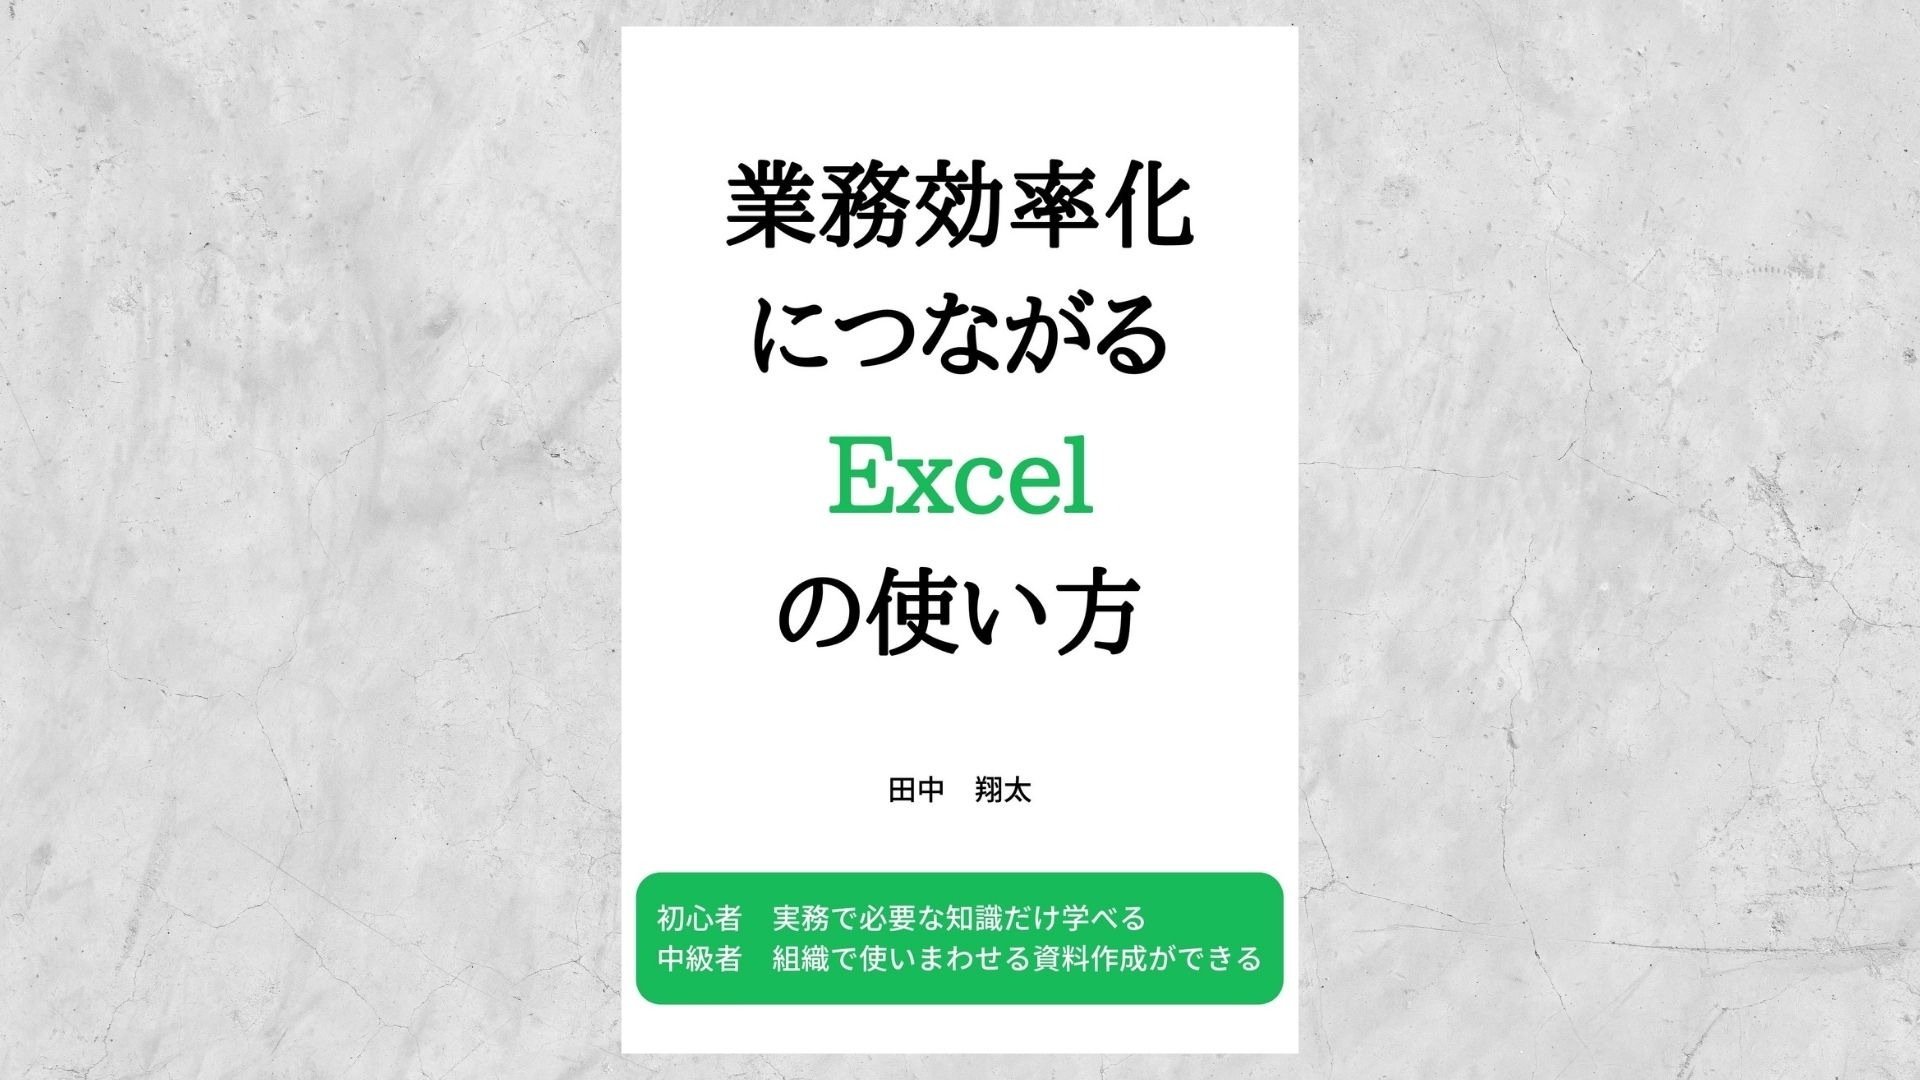 業務効率化につながるExcelの使い方